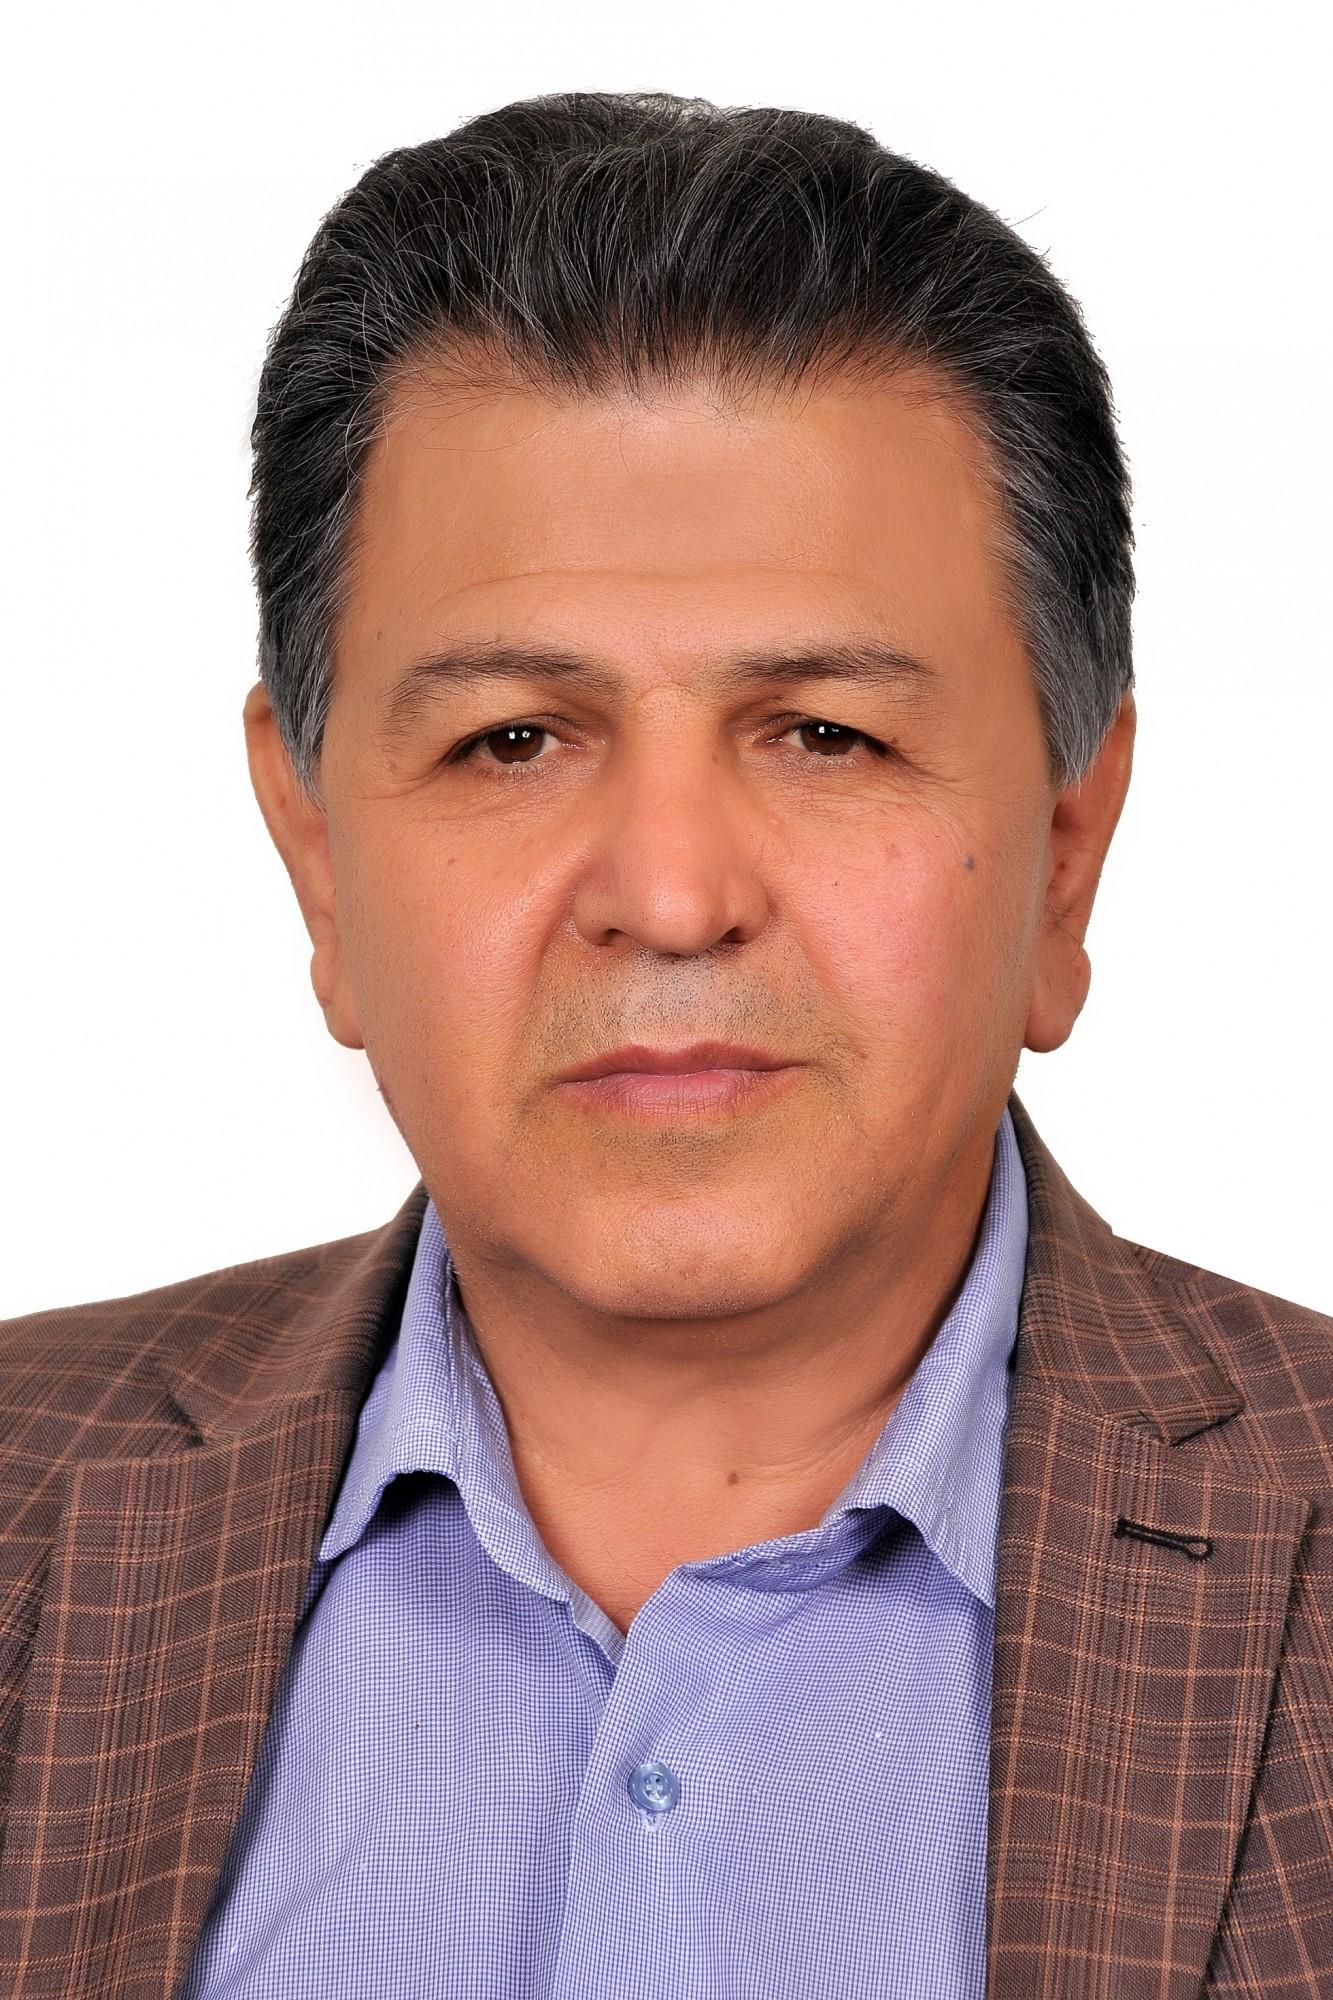 Dr. Saeed Parsa